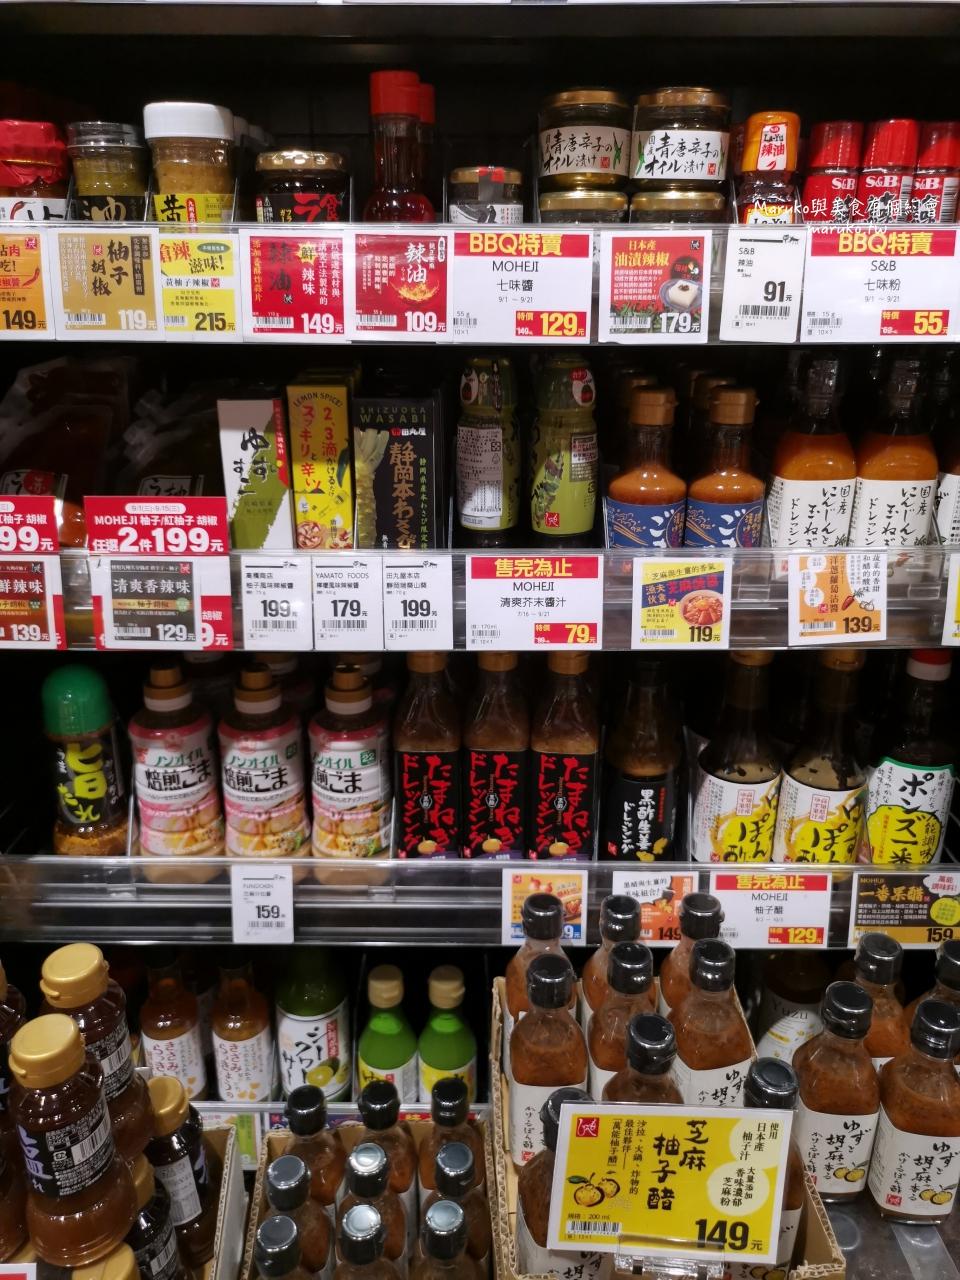 【台北】咖樂迪咖啡農場 來自日本首家連鎖超市 產地咖啡世界各地進口食材這裡買 @Maruko與美食有個約會